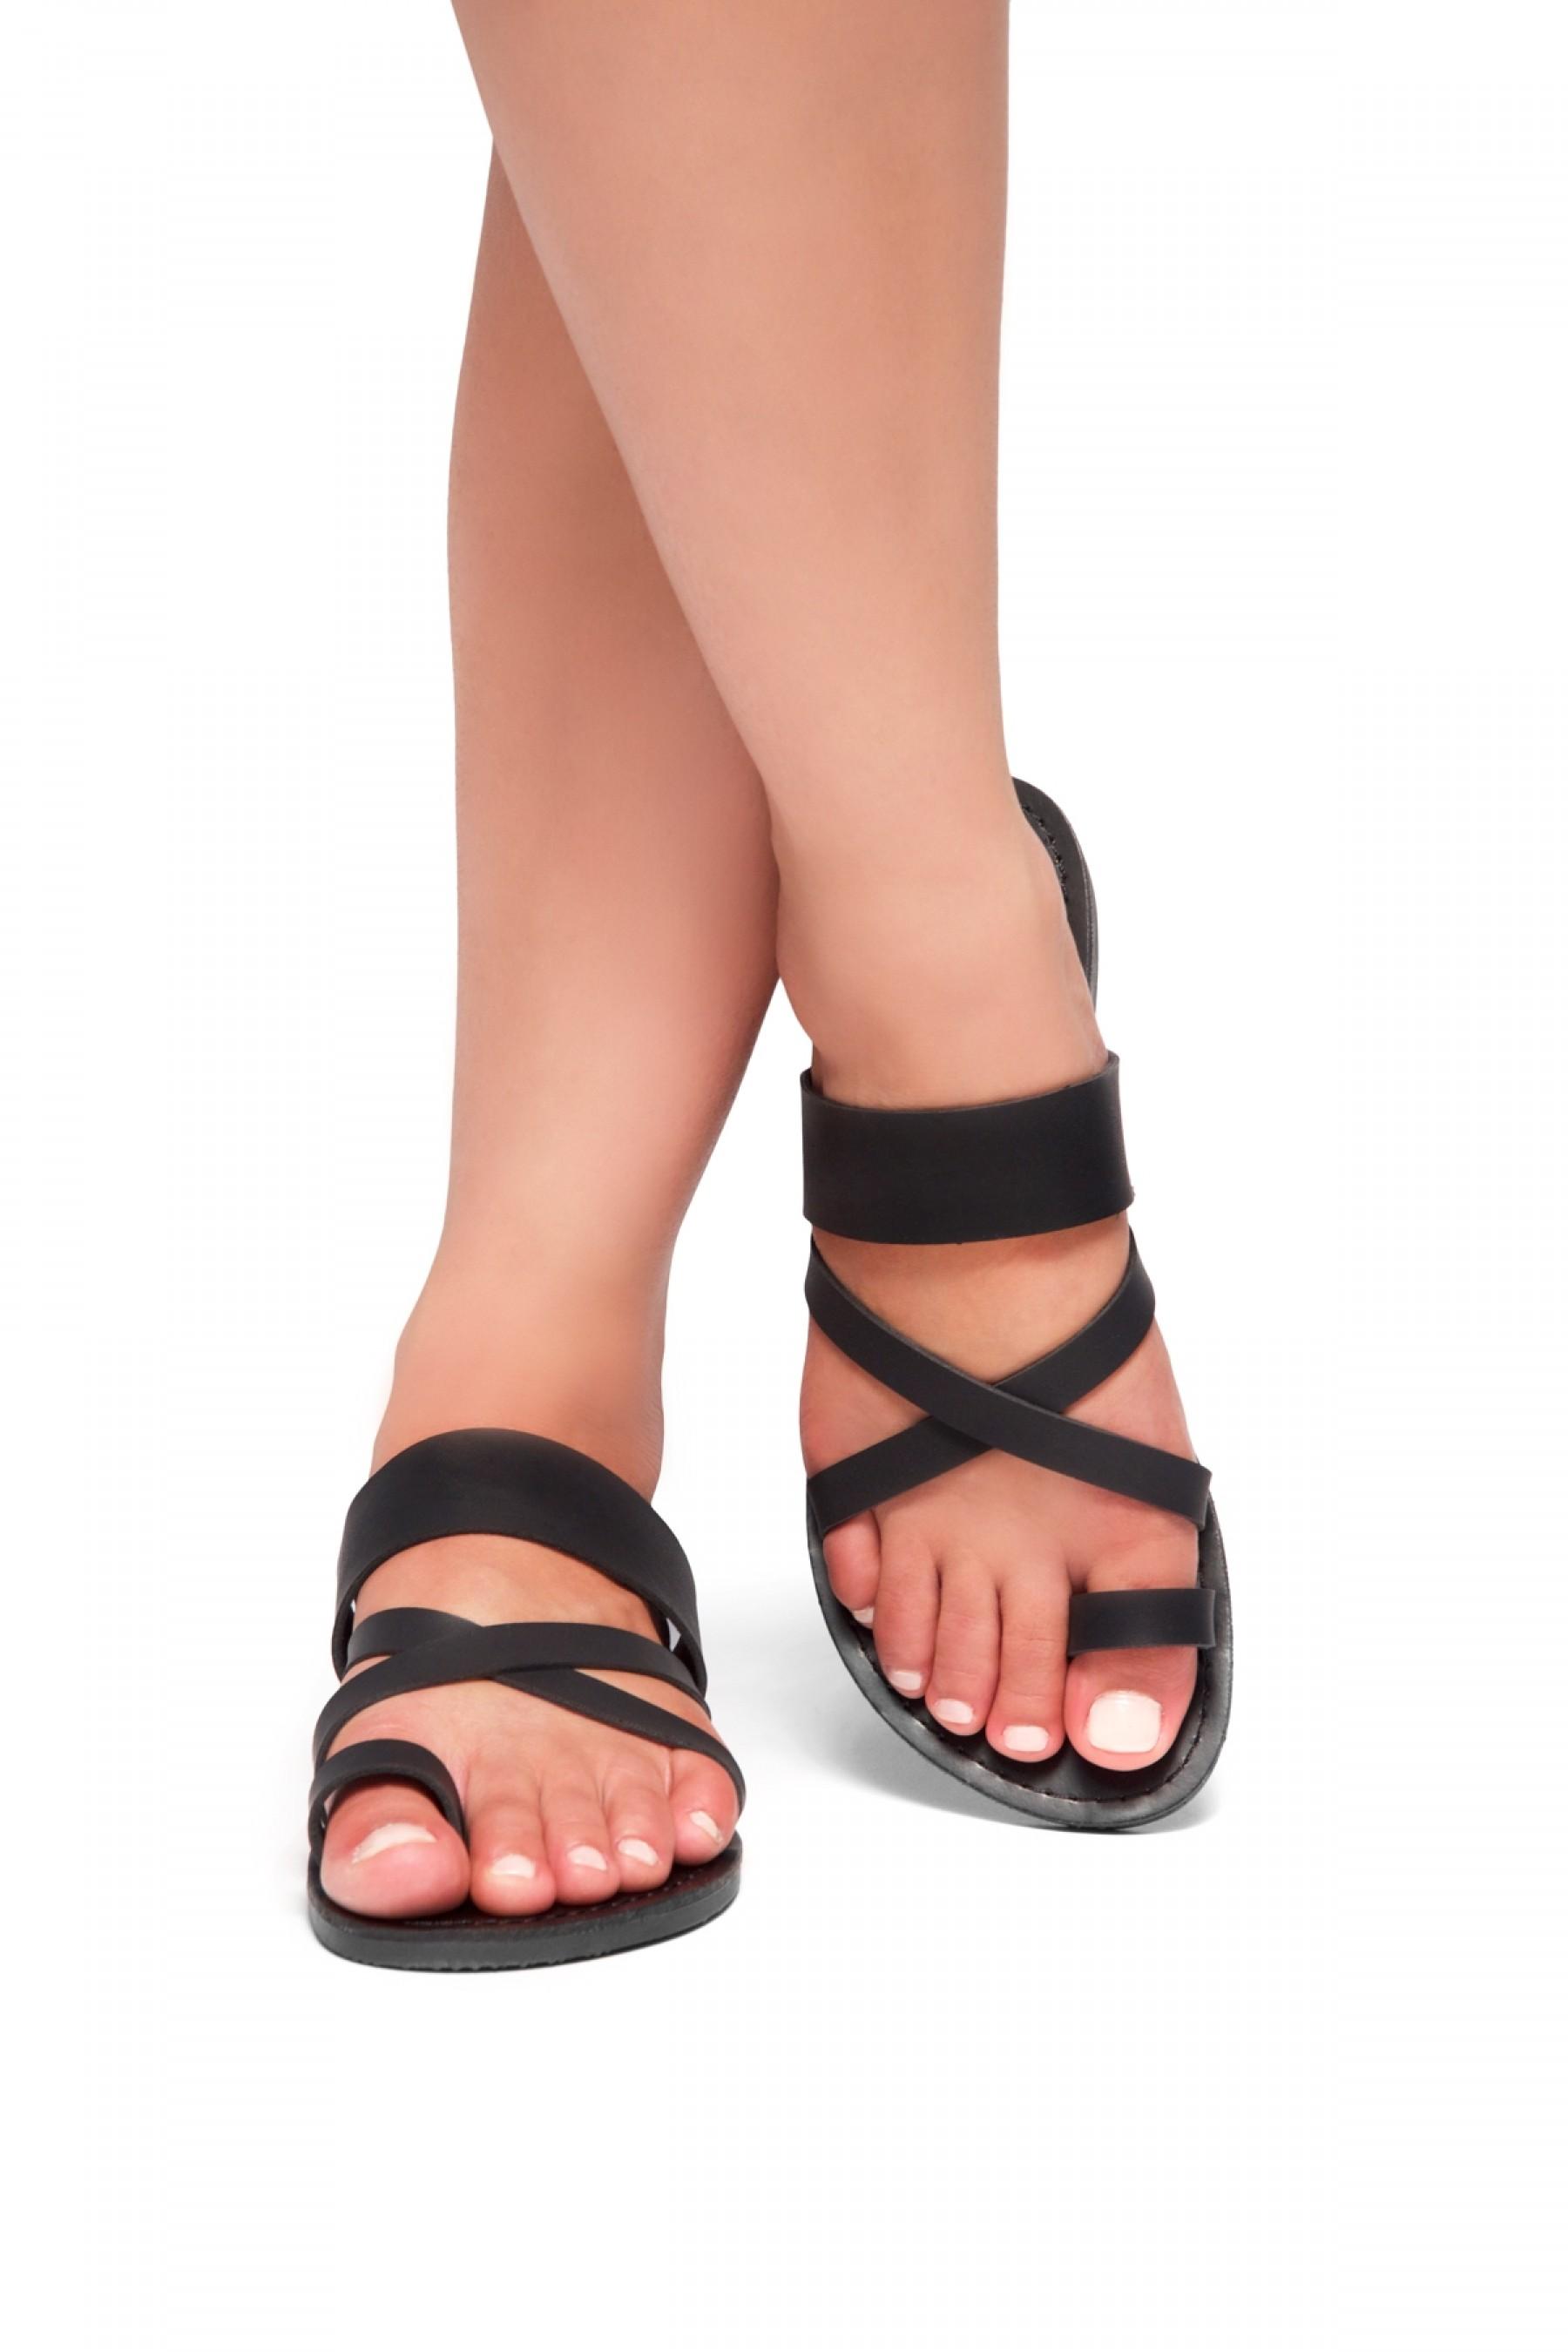 d5de4c08377f Women s Donnoddi Toe Ring Sandal with Unique Crisscross Straps ...